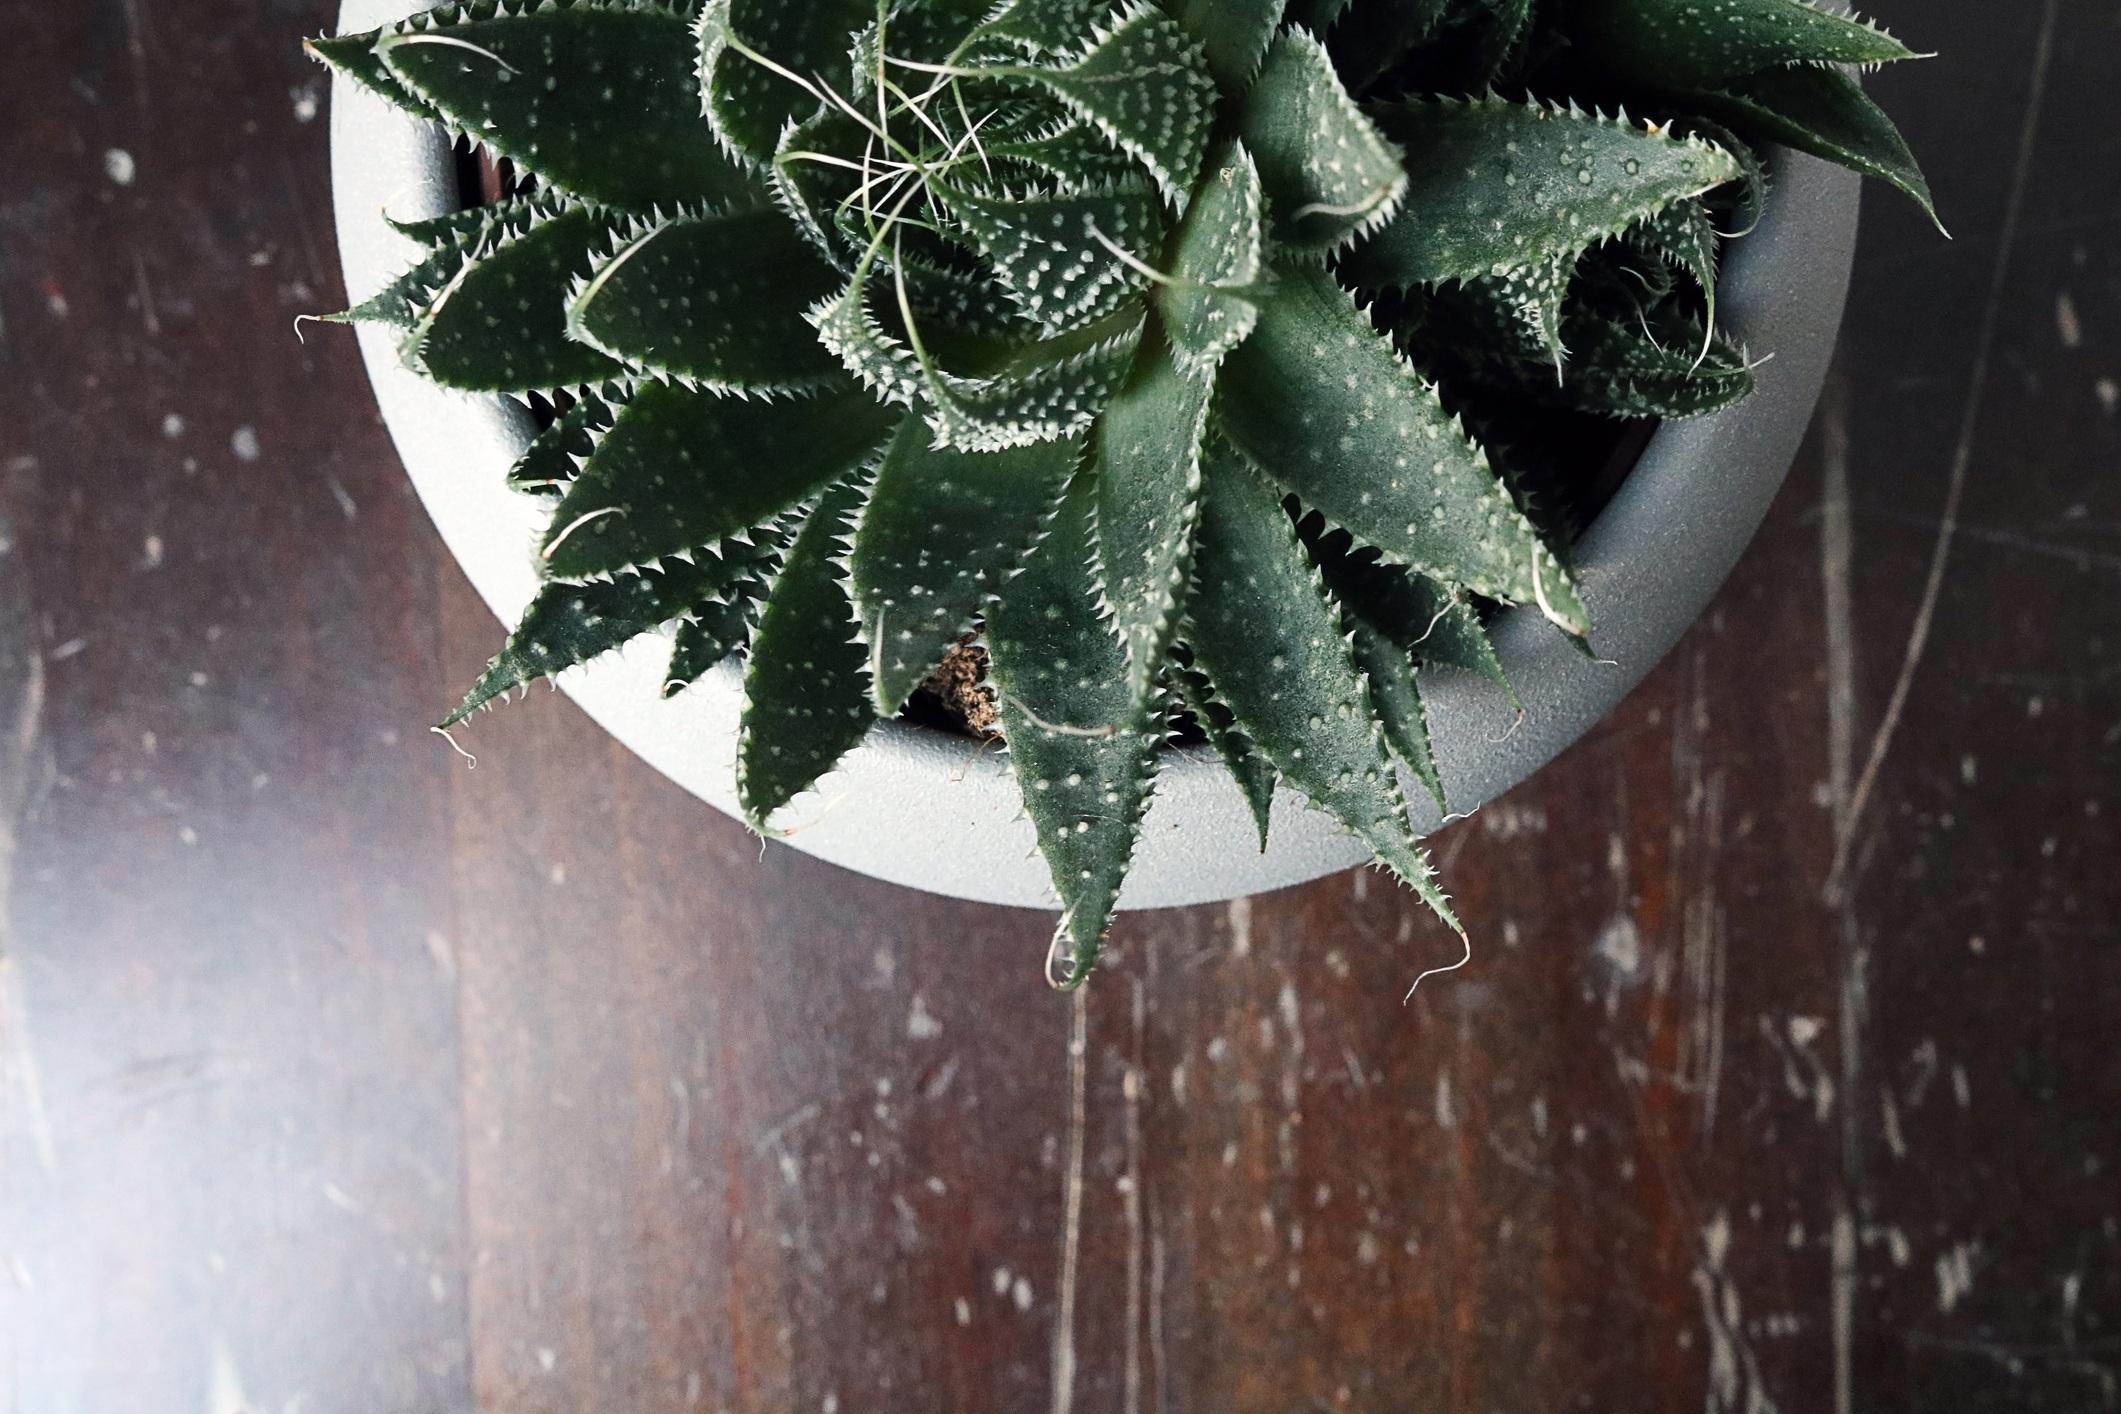 isolated cactus/succulent